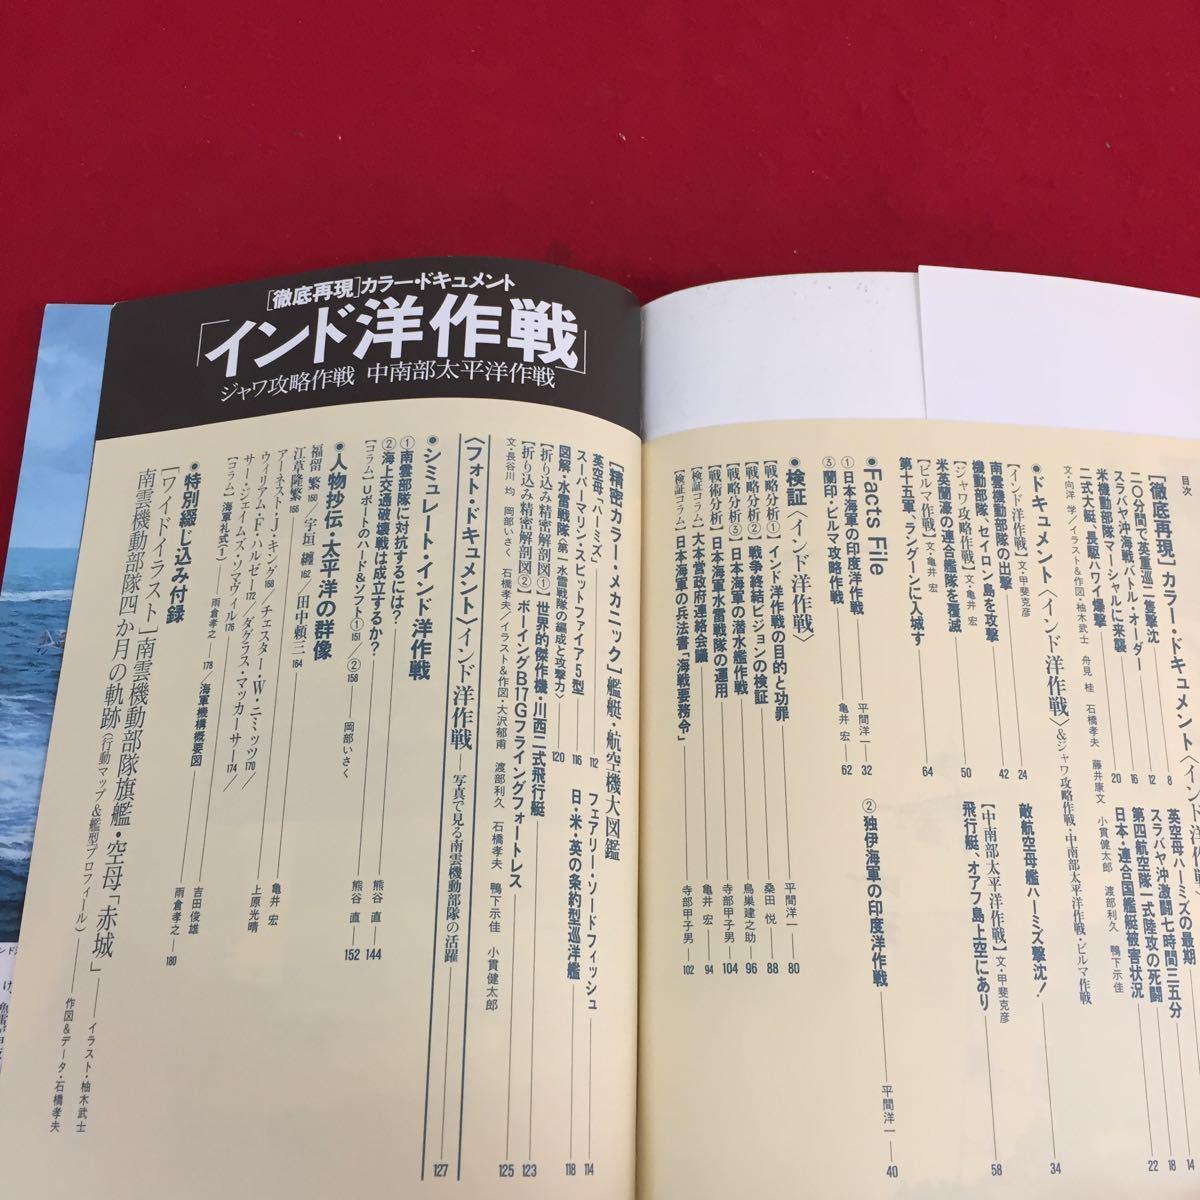 d1-0224-005 歴史群像 太平洋戦史シリーズVol.3 勇進インド洋作戦 1995年7月20日第3刷発行 シミあり※商品説明もご確認下さい※9_画像5